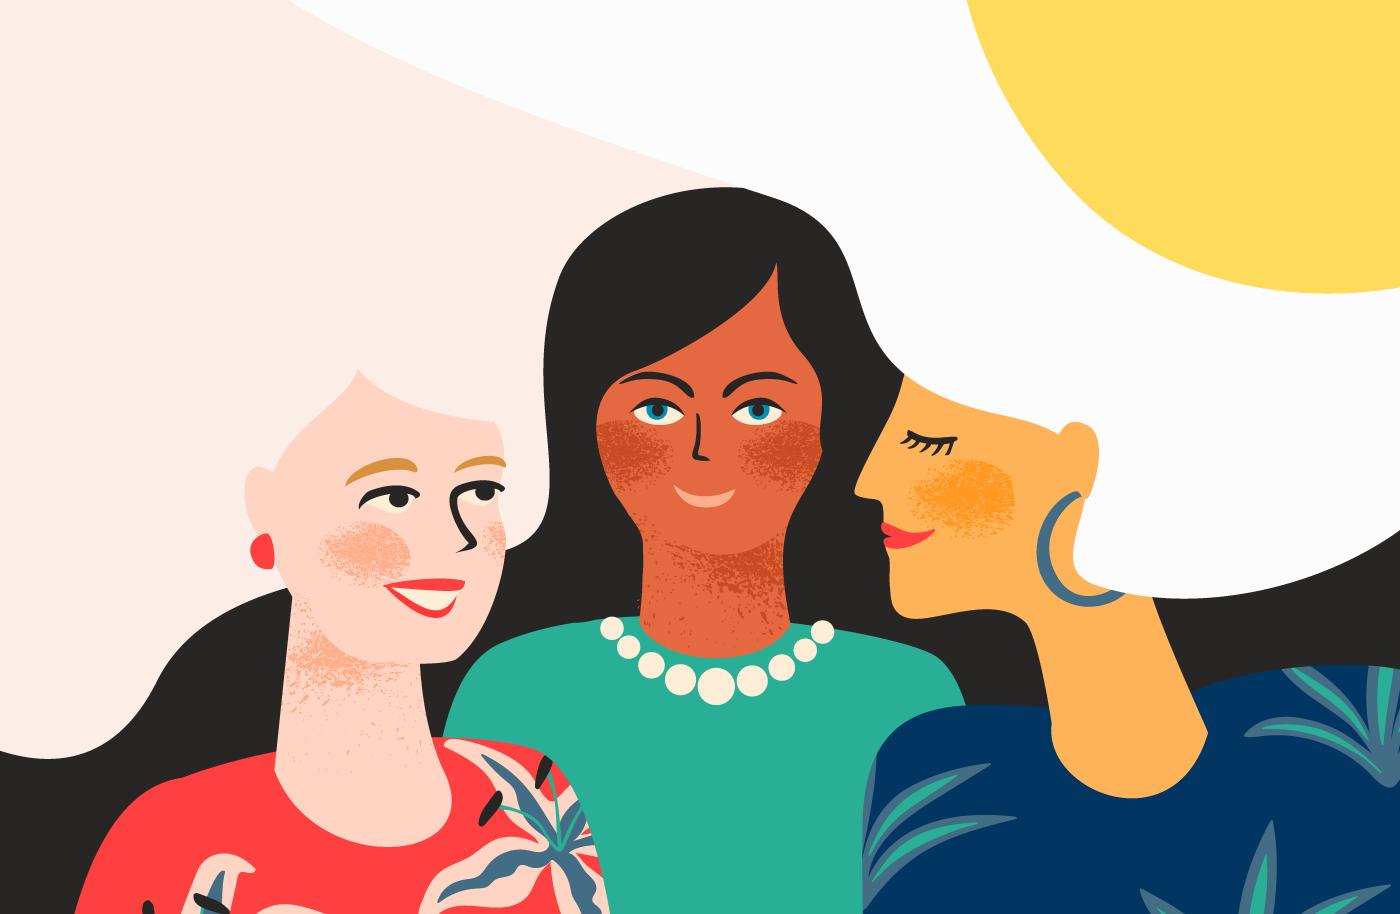 ქალთა მზერა: უფასო გინეკოლოგიური კაბინეტი გაიხსნა